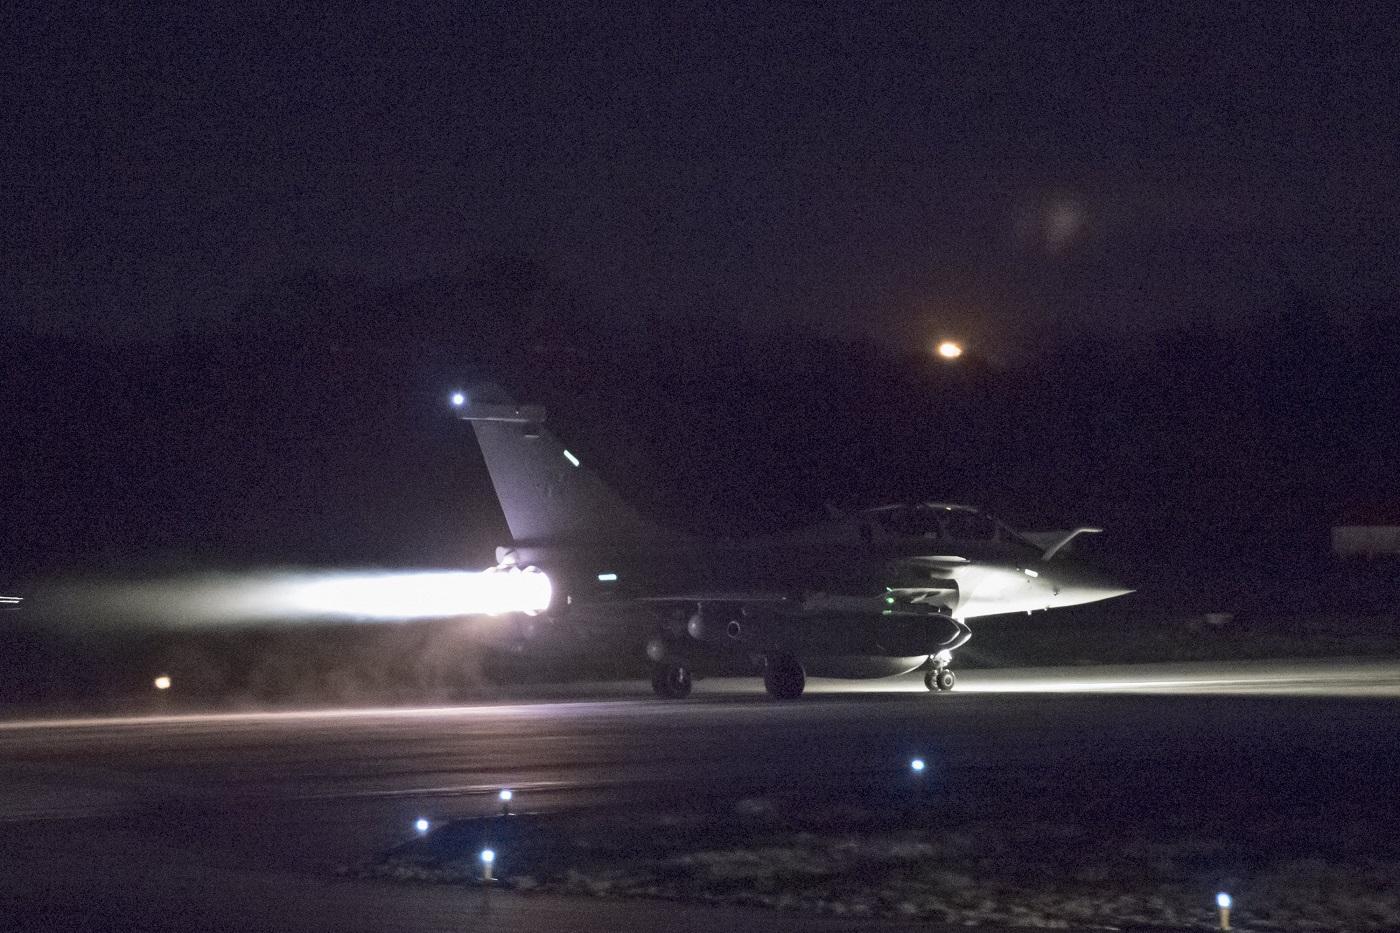 EEUU dice haber 'cercenado' la capacidad Siria de usar armas químicas